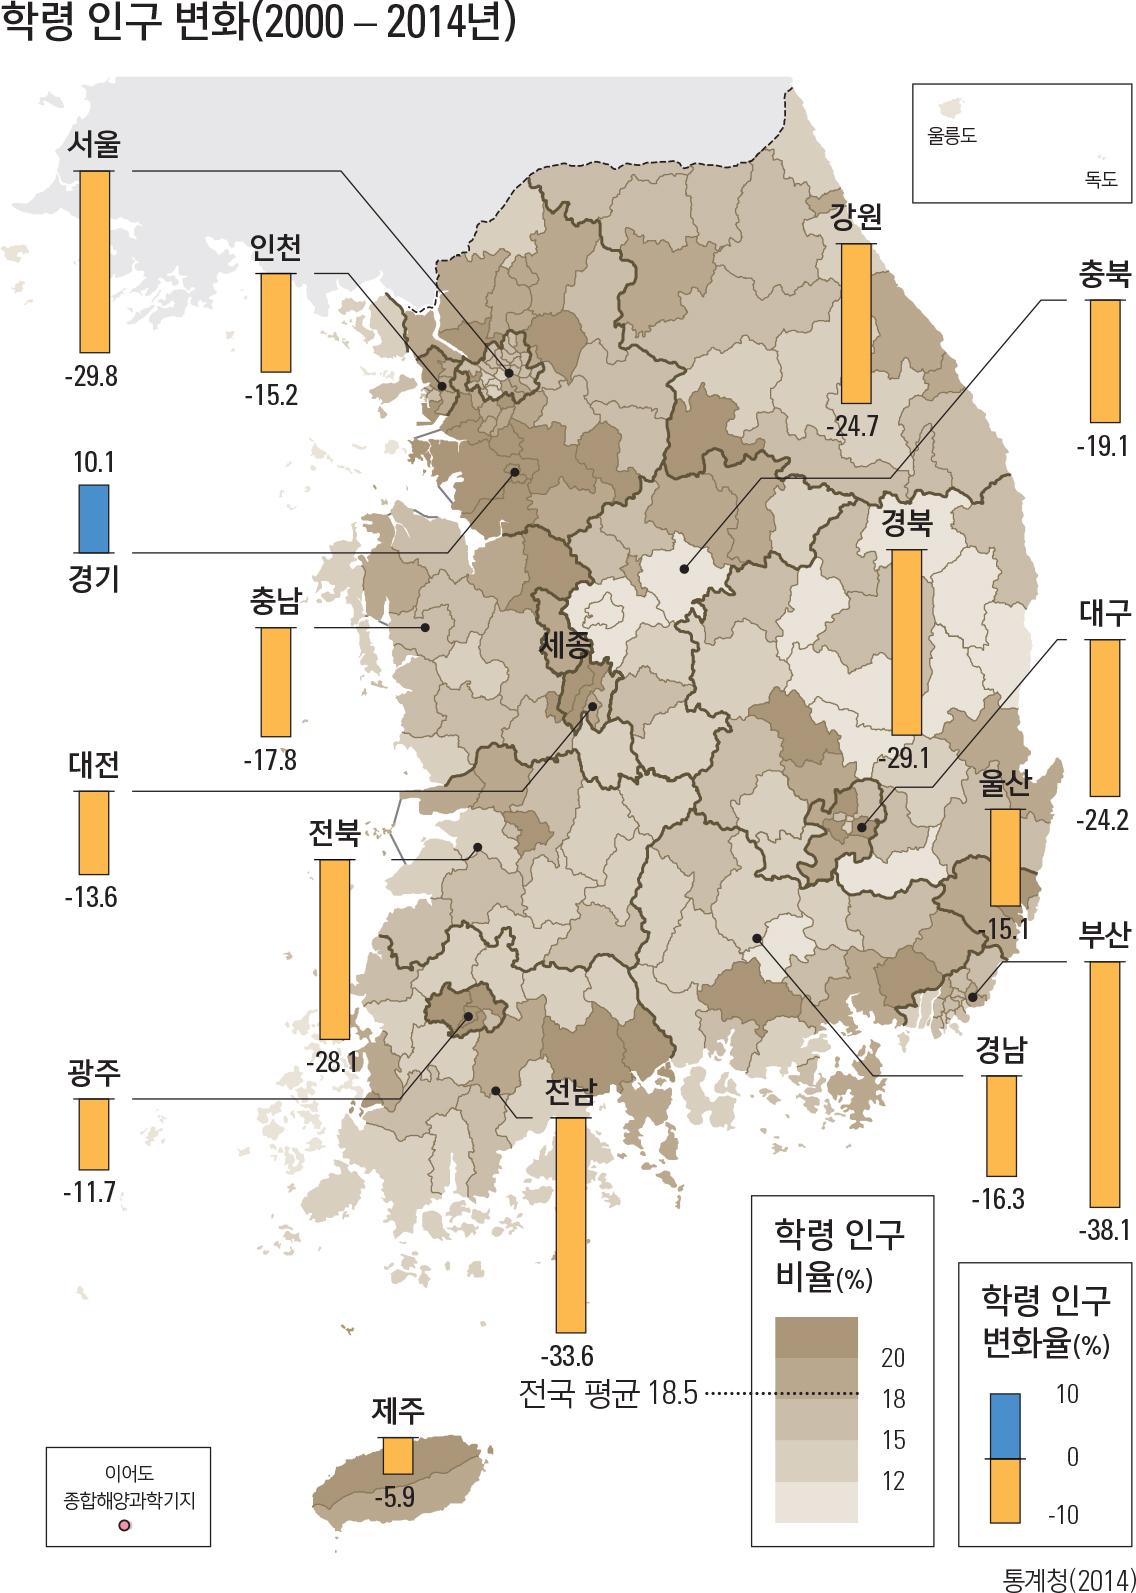 학령 인구 변화(2000 – 2014년)